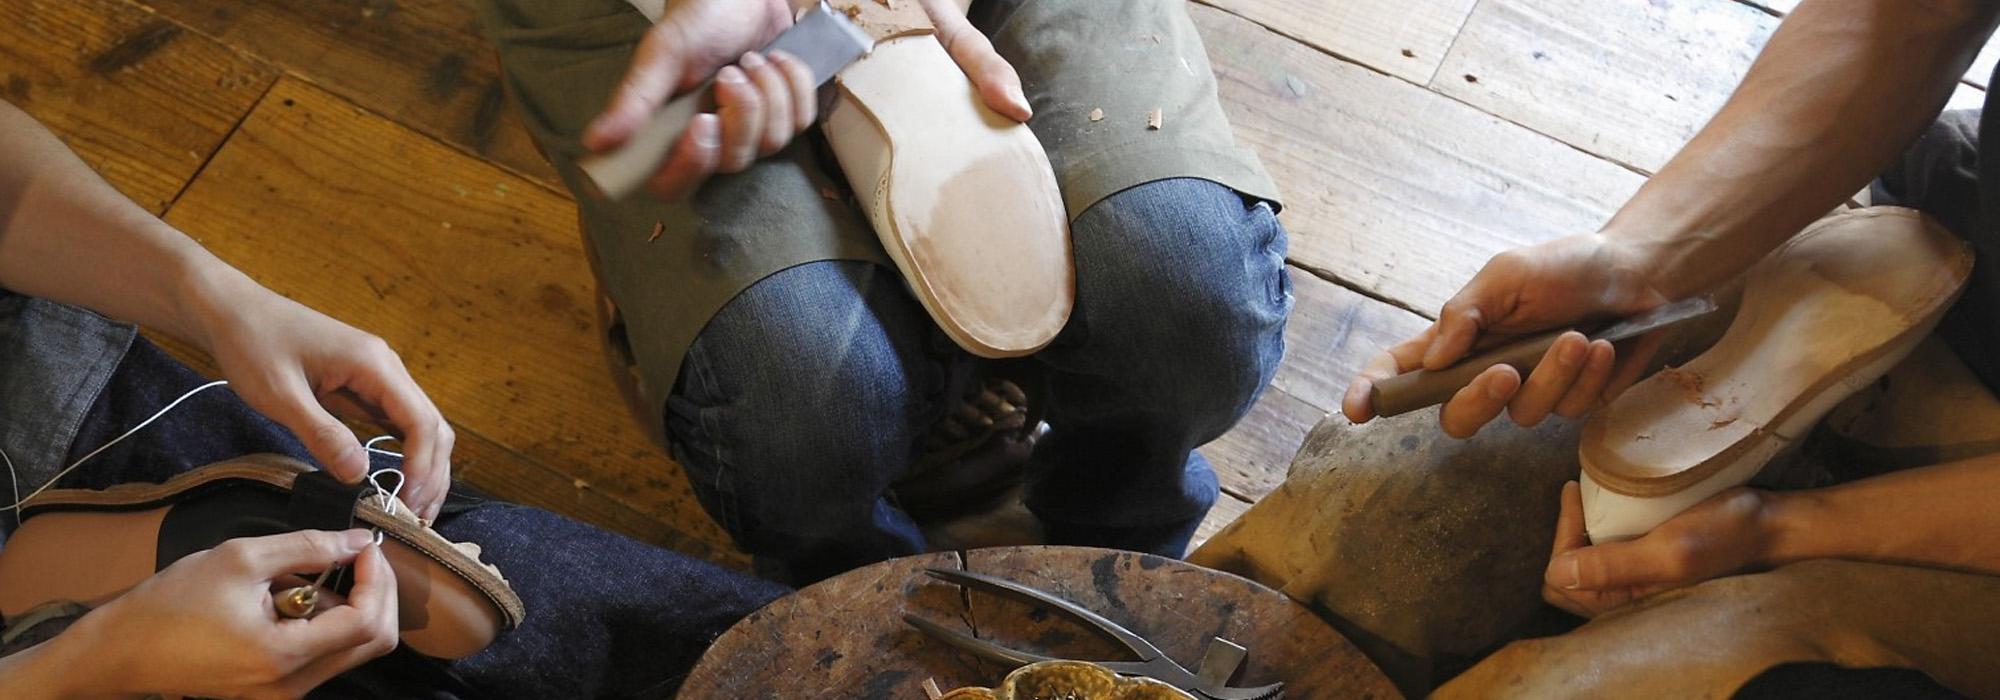 靴教室・土屋聡靴工房(東京)